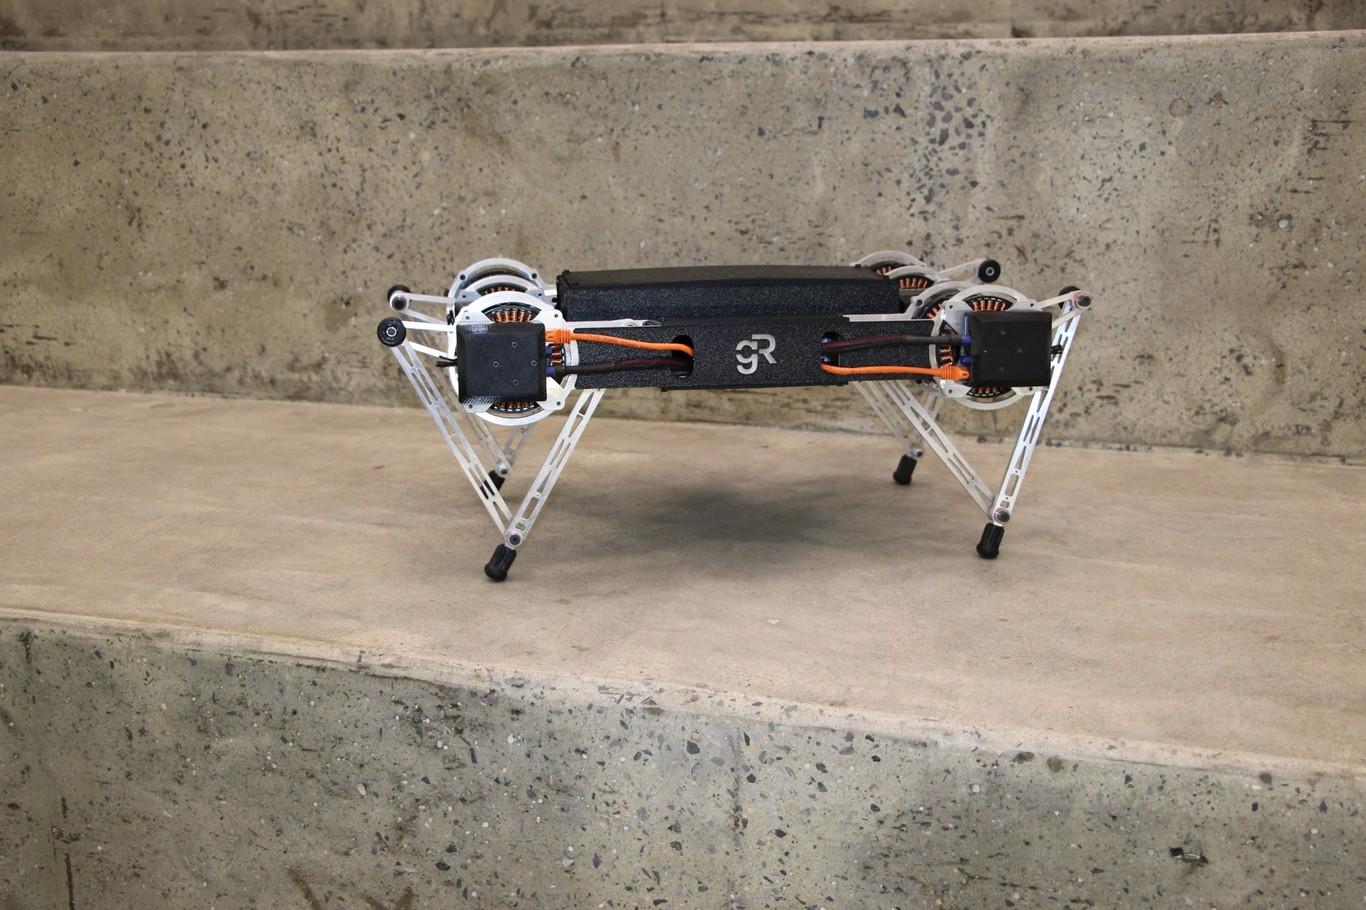 Minitaur es un robot de cuatro patas que salta, escala y avanza por cualquier superficie: hielo, piedras o nieve